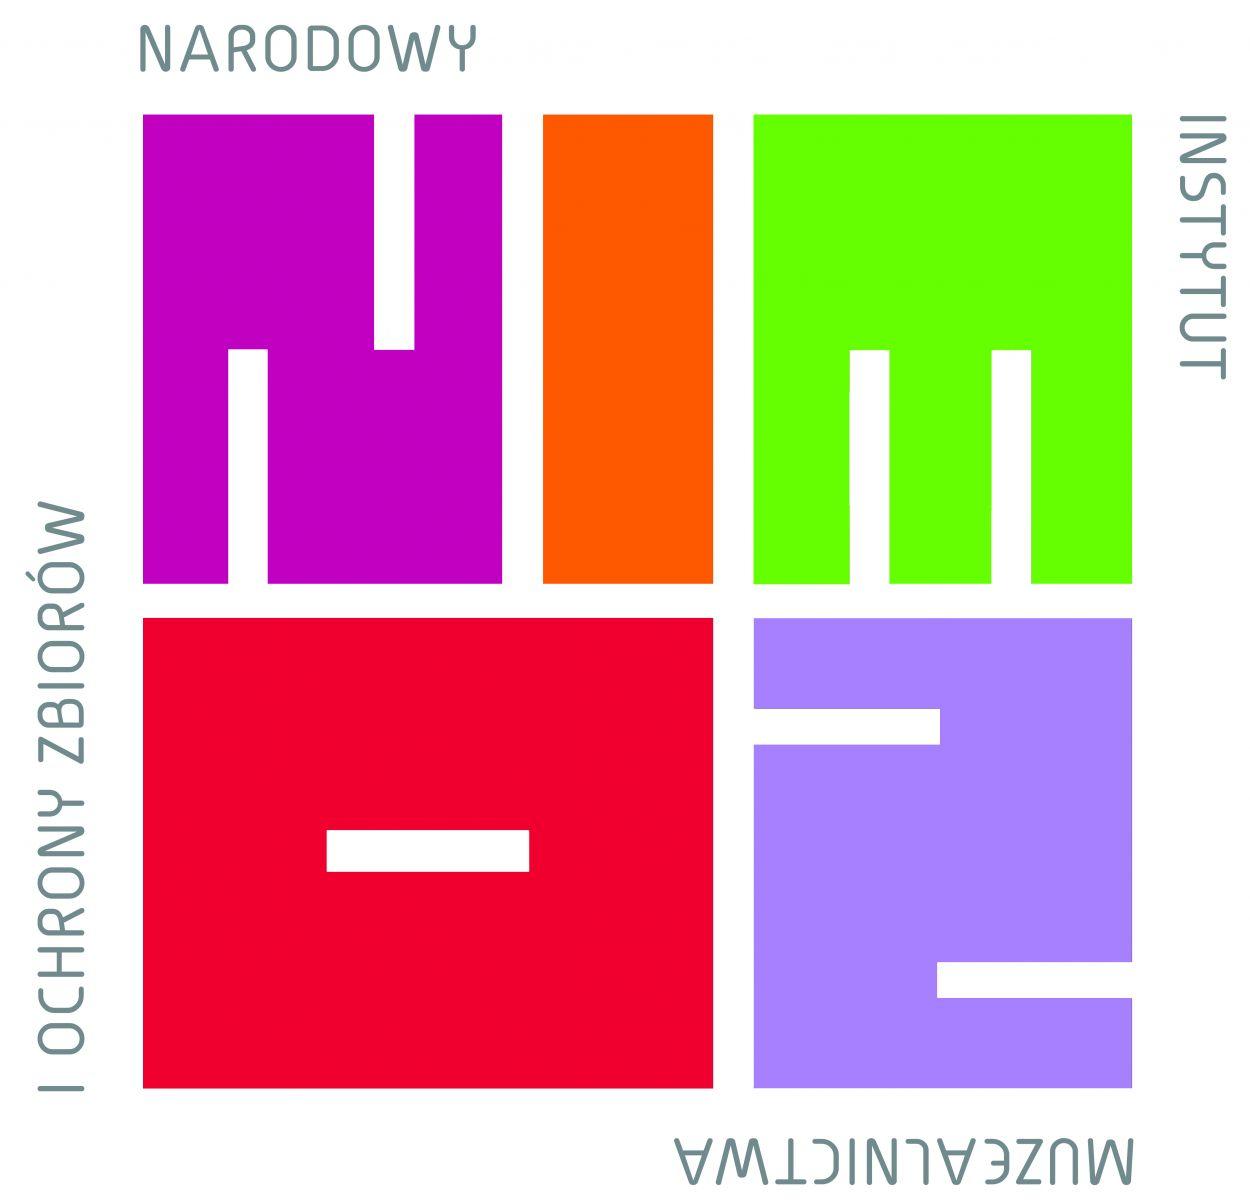 http://m.wmwm.pl/2019/10/orig/logo-nimoz-6514.jpg